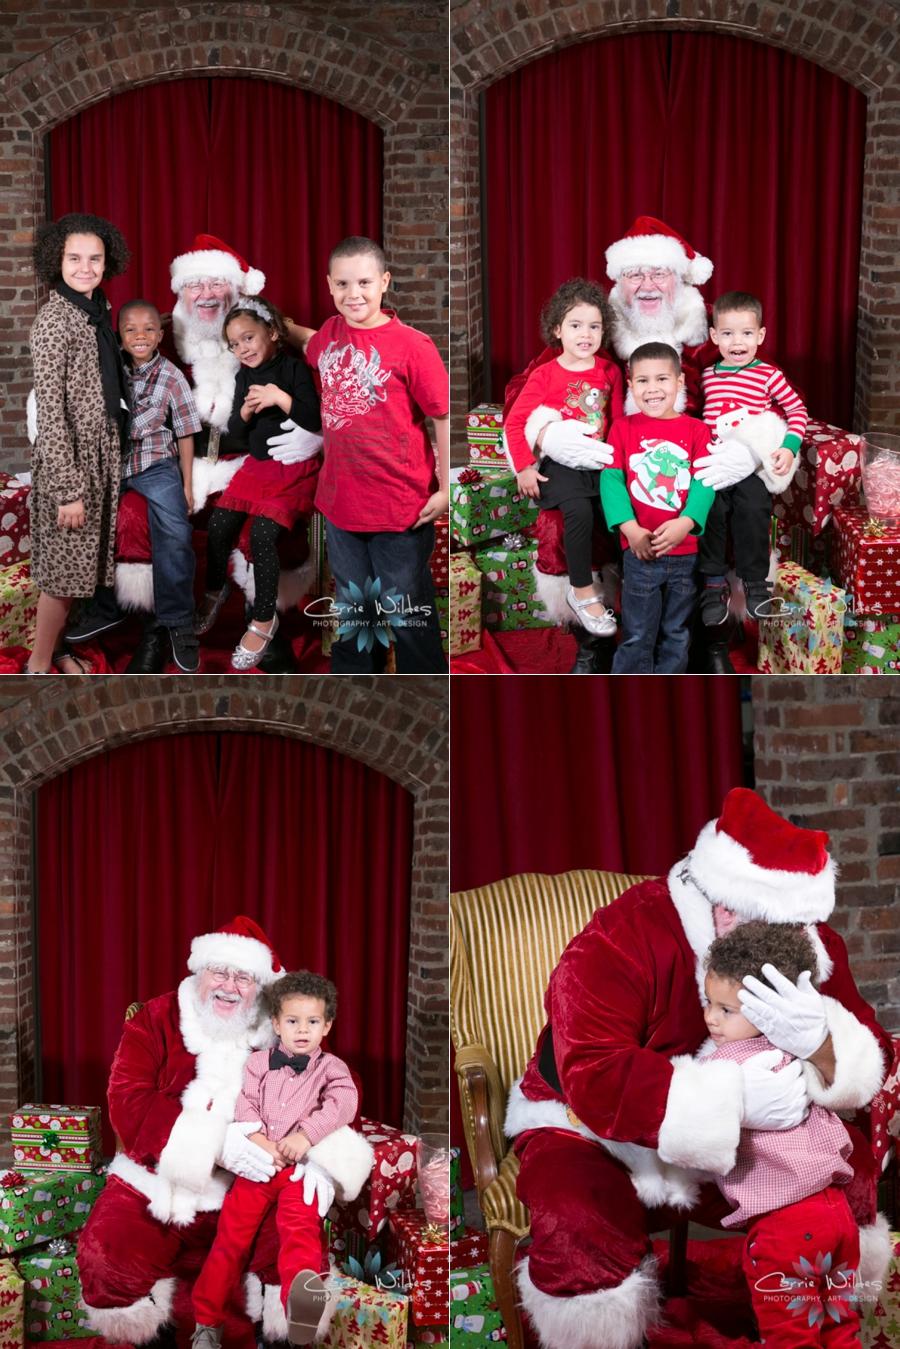 12_6_15 Promise Love Photos with Santa_0004.jpg